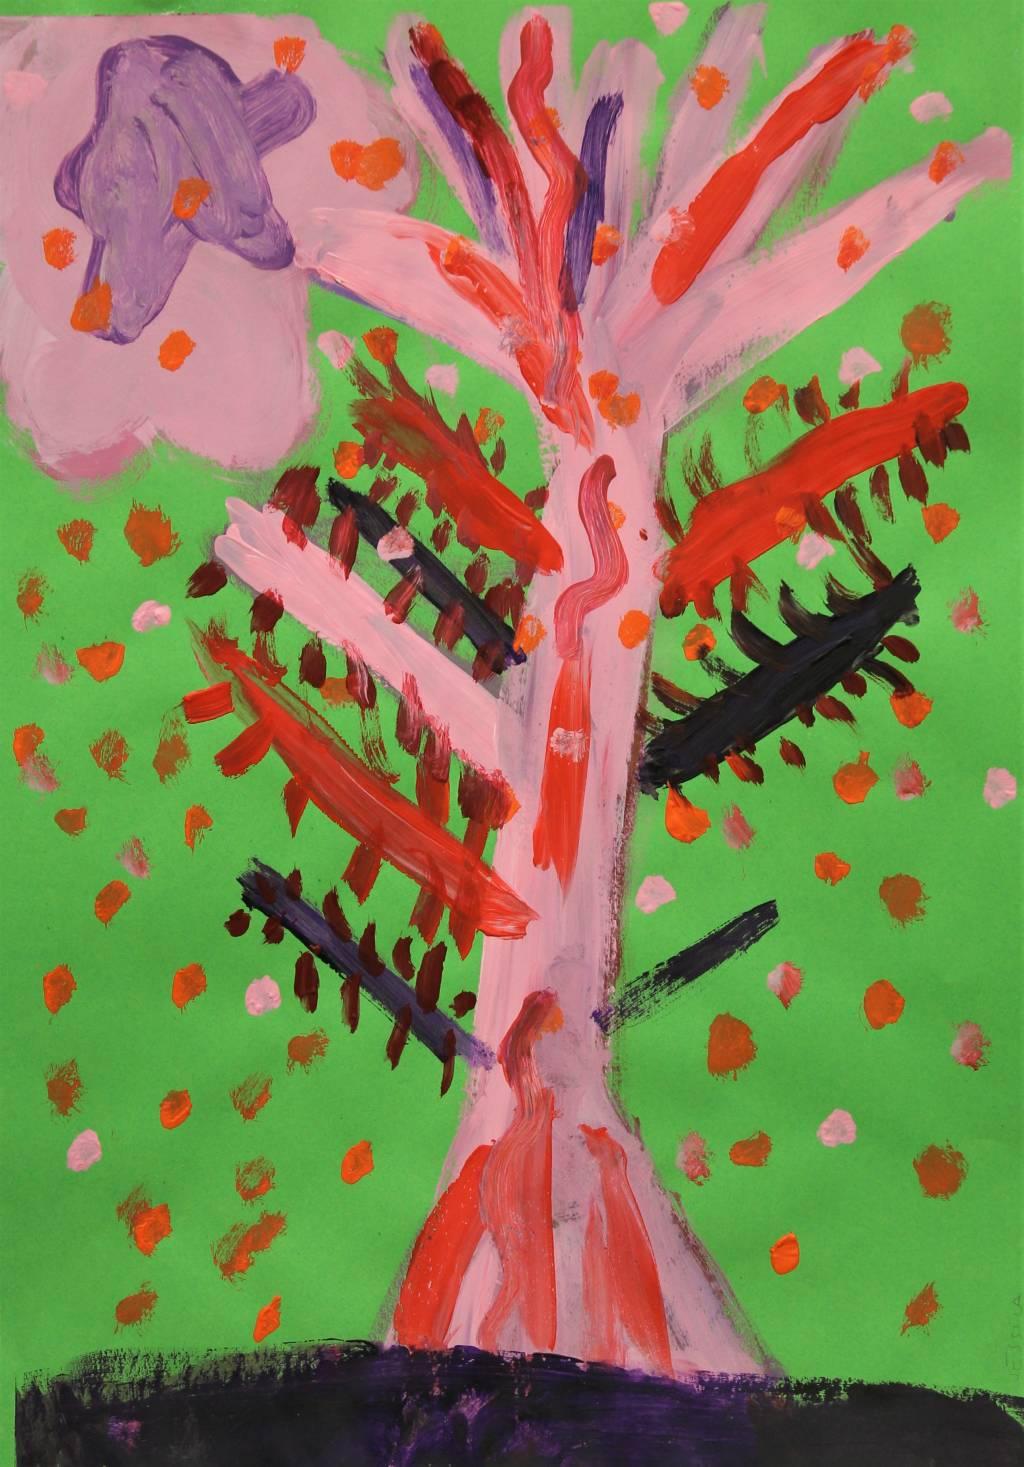 Kuvataide- ja käsityökoulu Emilin oppilaan puuaiheinen maalaus